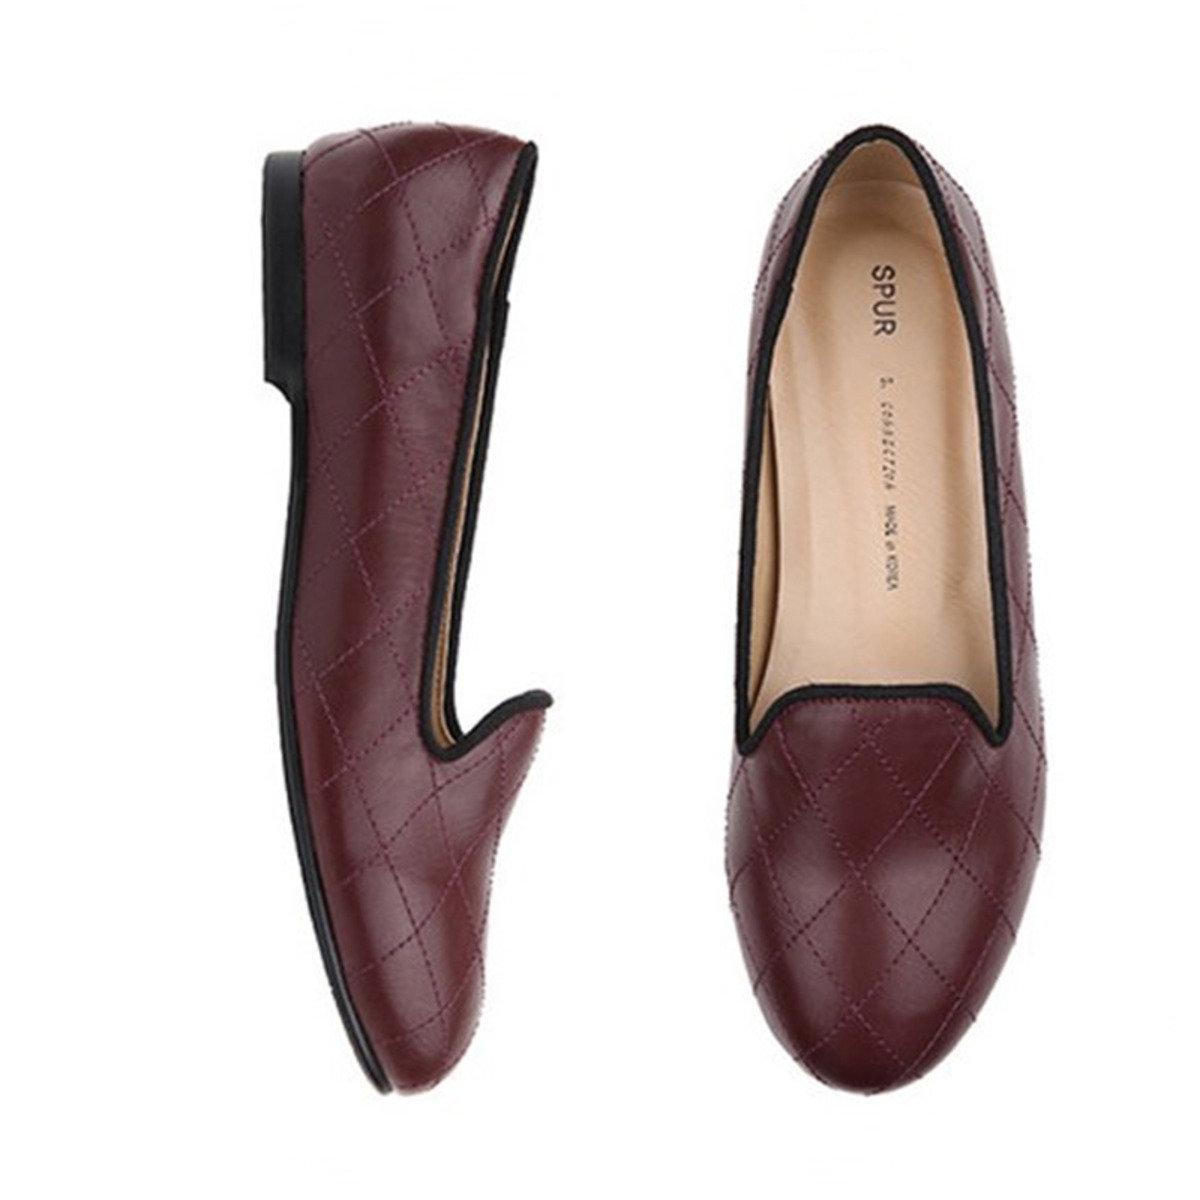 菱形絎縫平底鞋